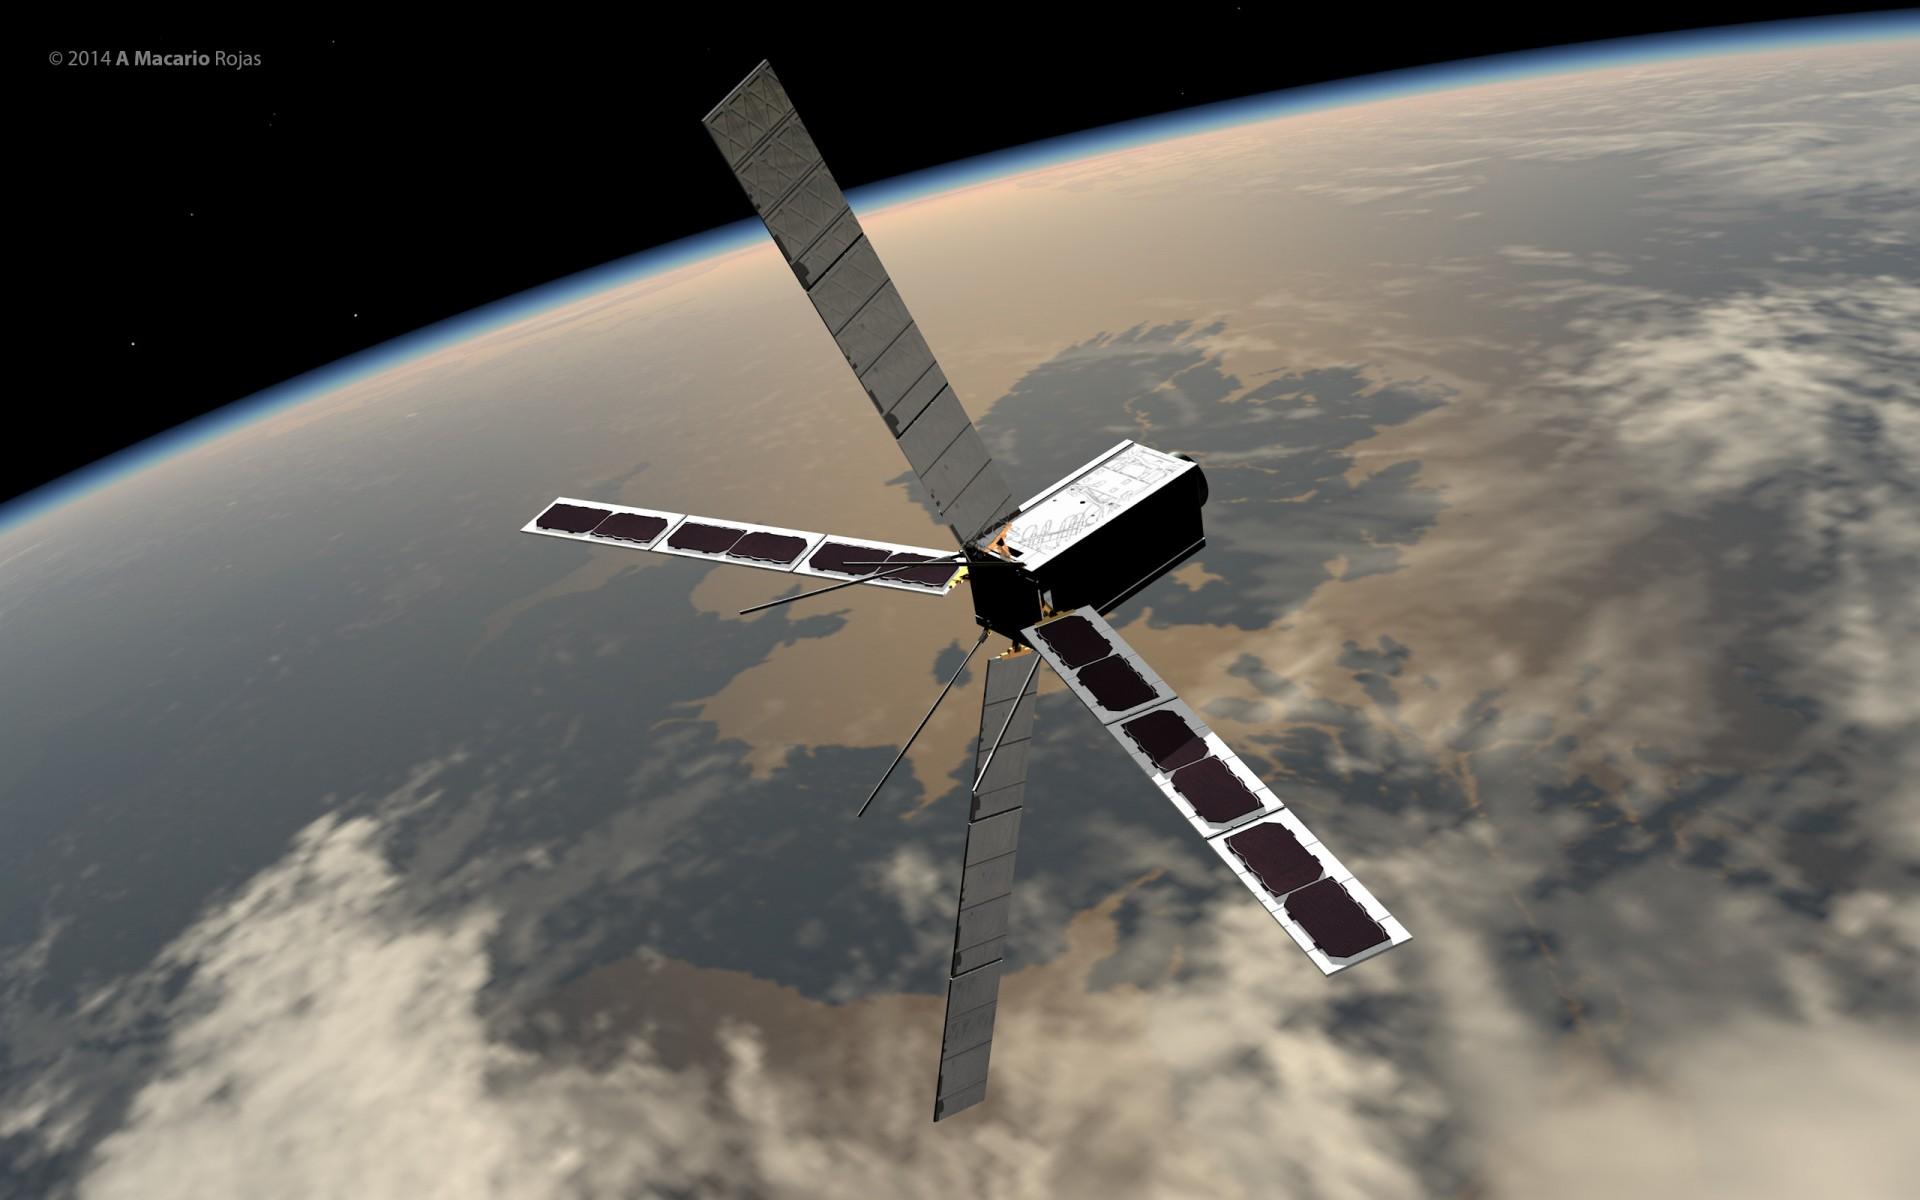 Discoverer satellite